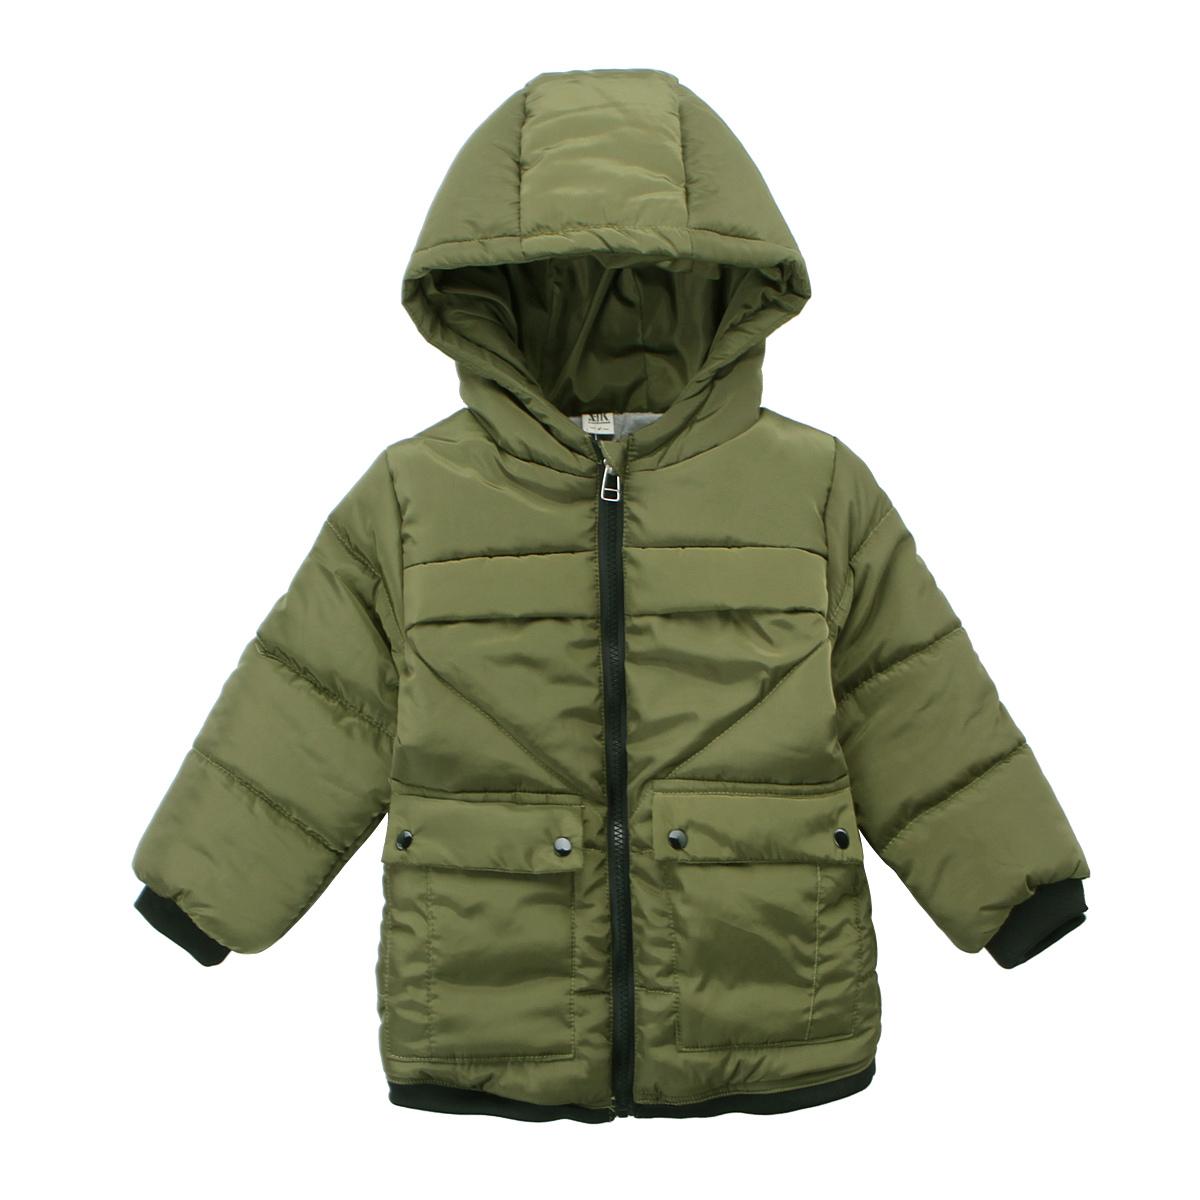 冬款童装棉服儿童棉衣男童棉衣2014新款加绒加厚外套冬装棉袄